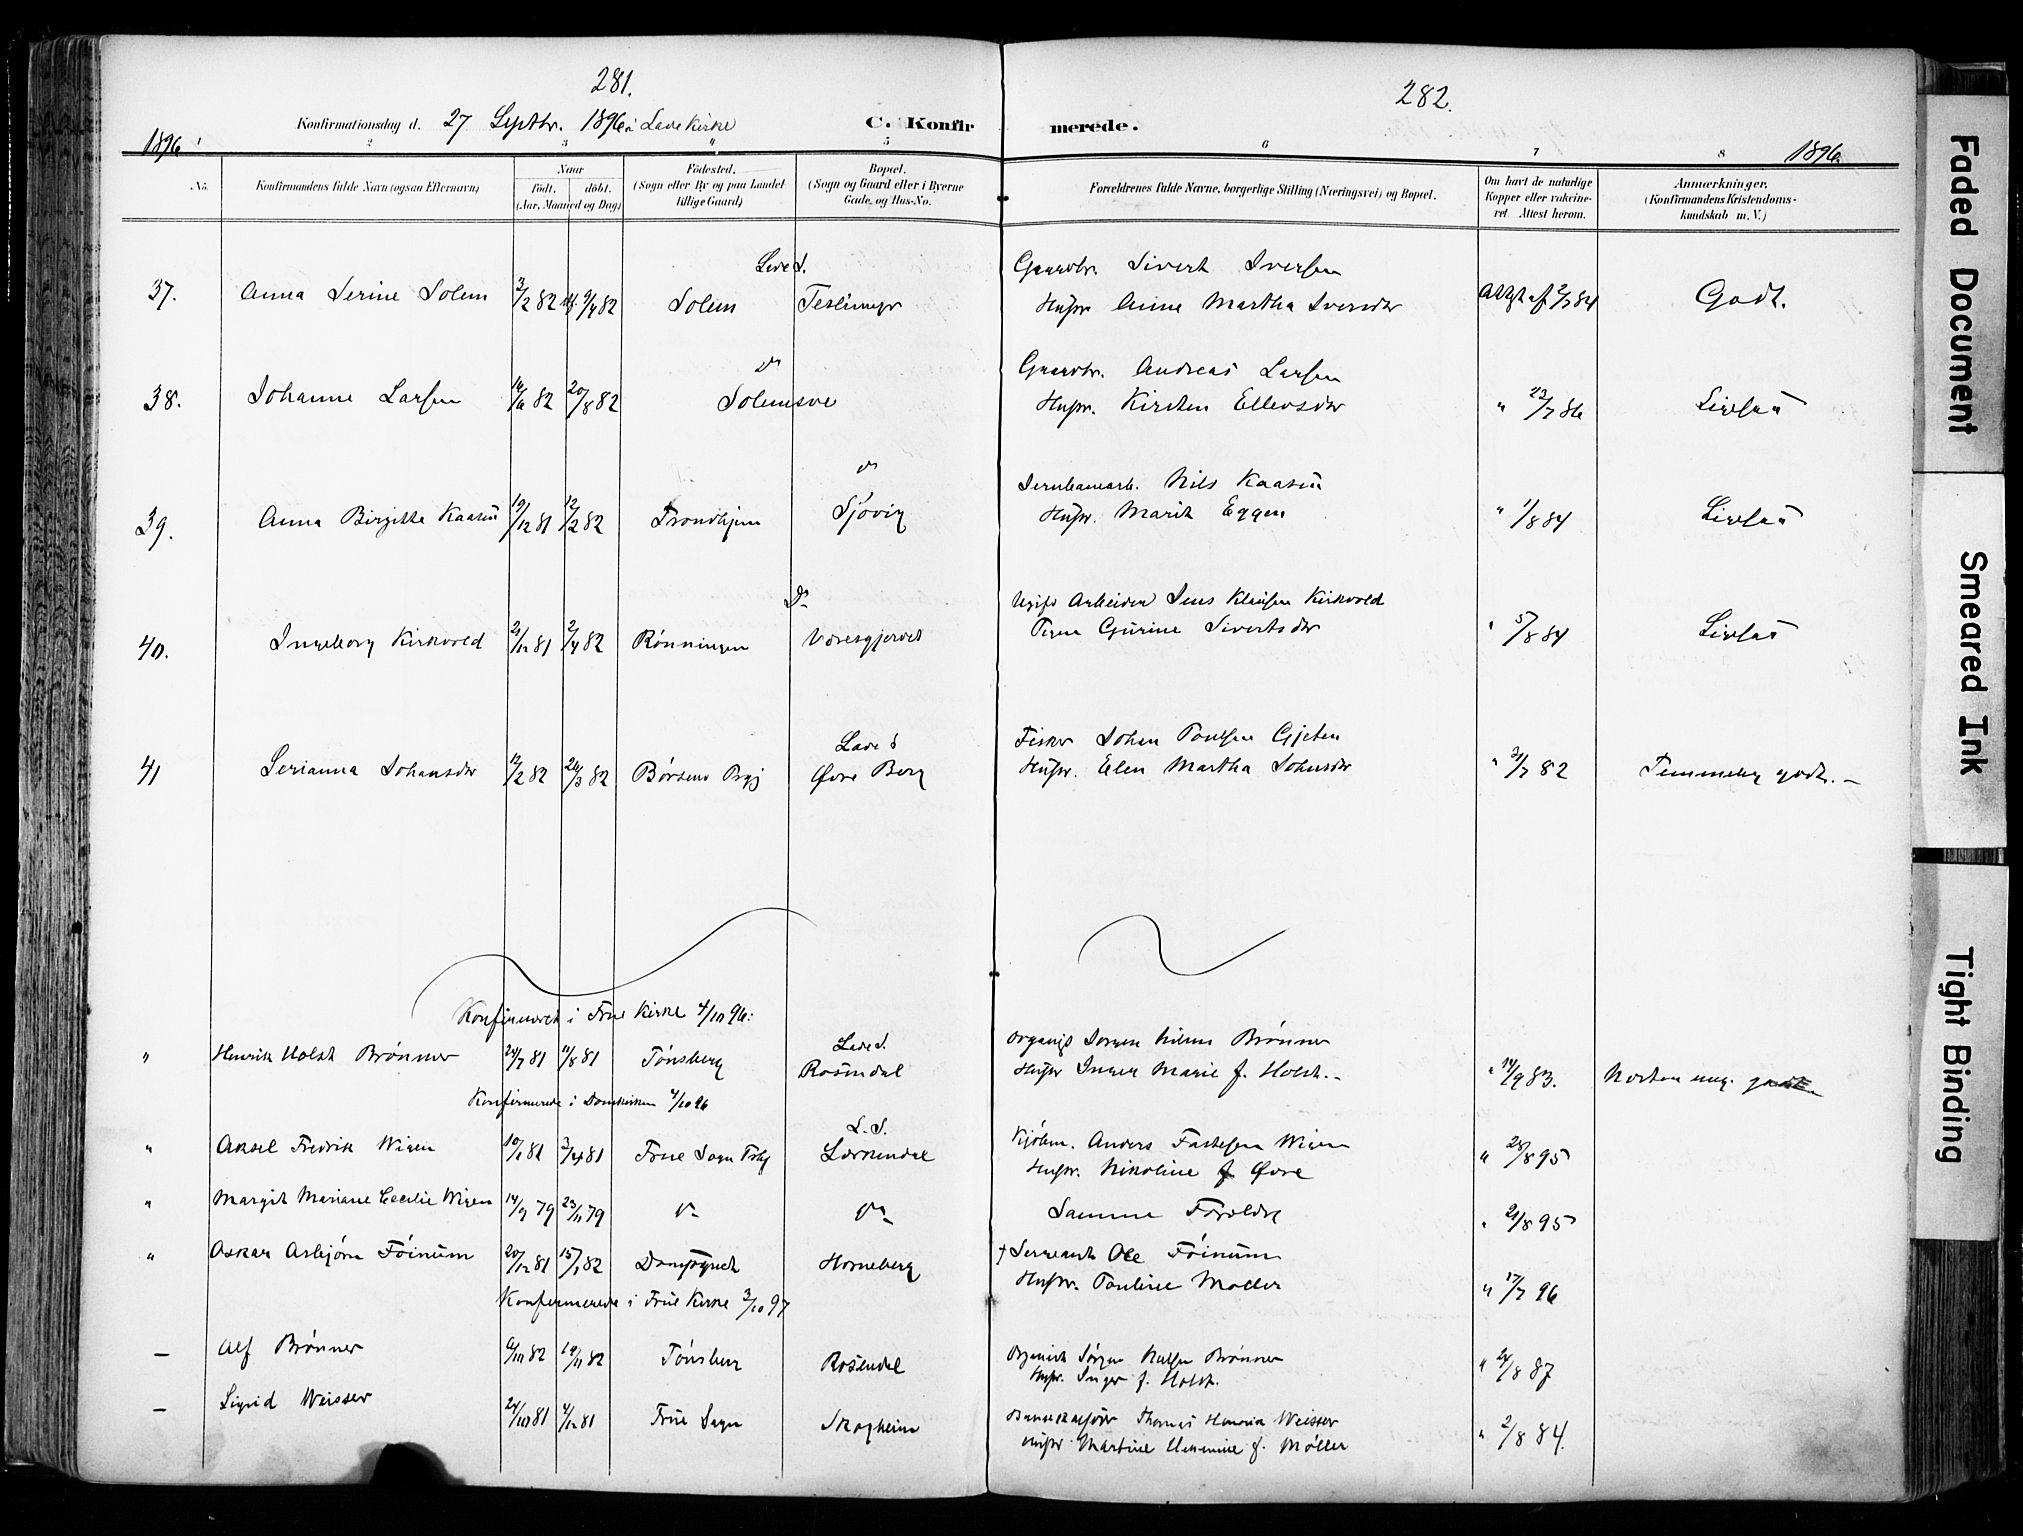 SAT, Ministerialprotokoller, klokkerbøker og fødselsregistre - Sør-Trøndelag, 606/L0301: Ministerialbok nr. 606A16, 1894-1907, s. 281-282